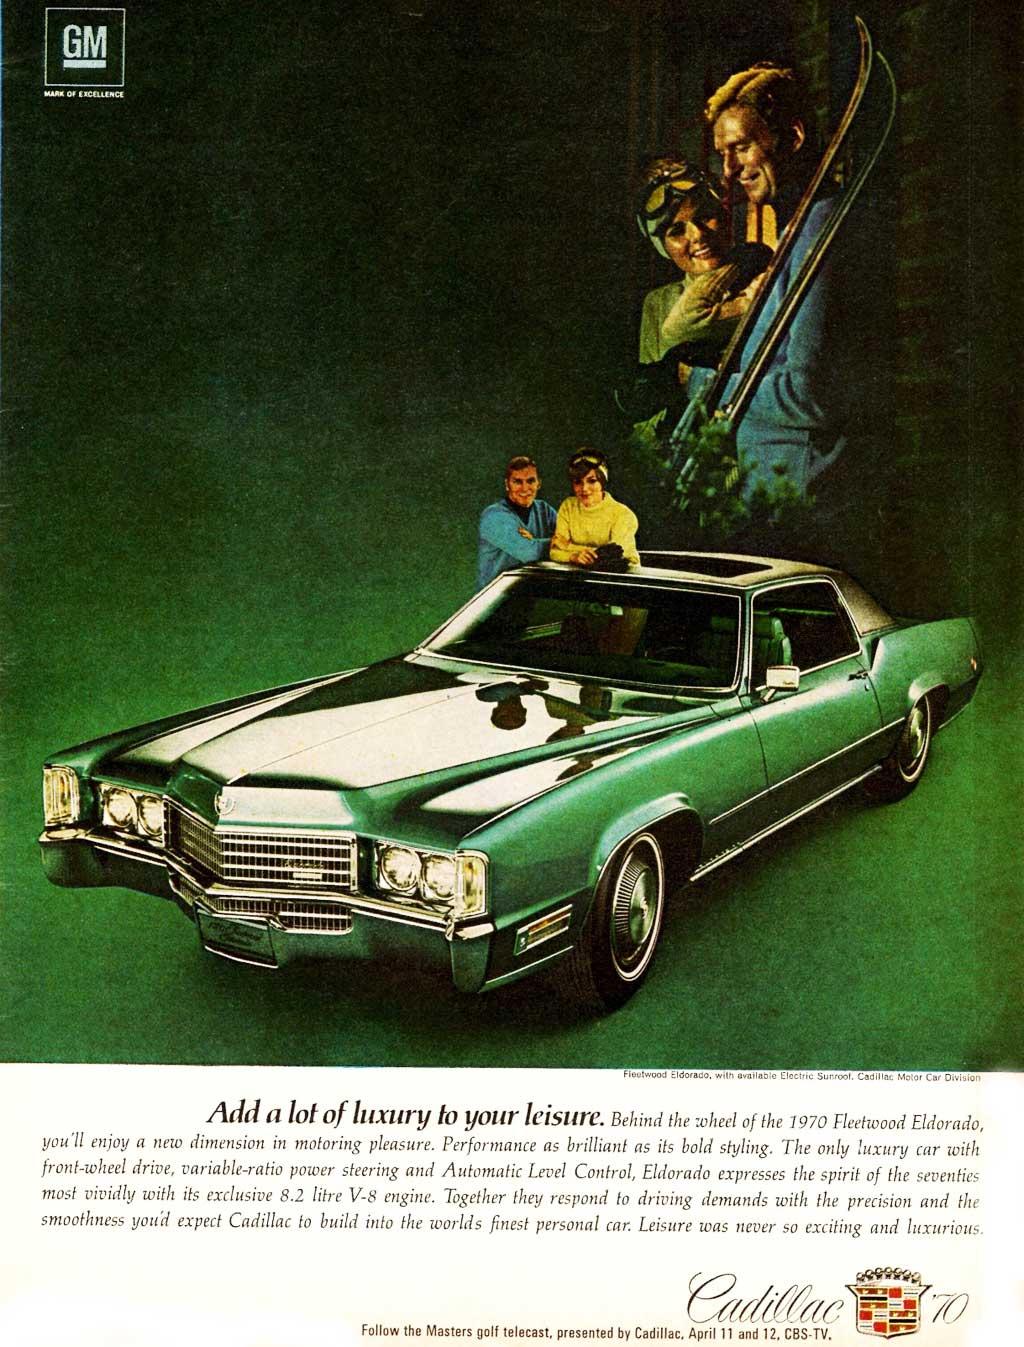 1970-Cadillac-Eldorado-ad.jpg